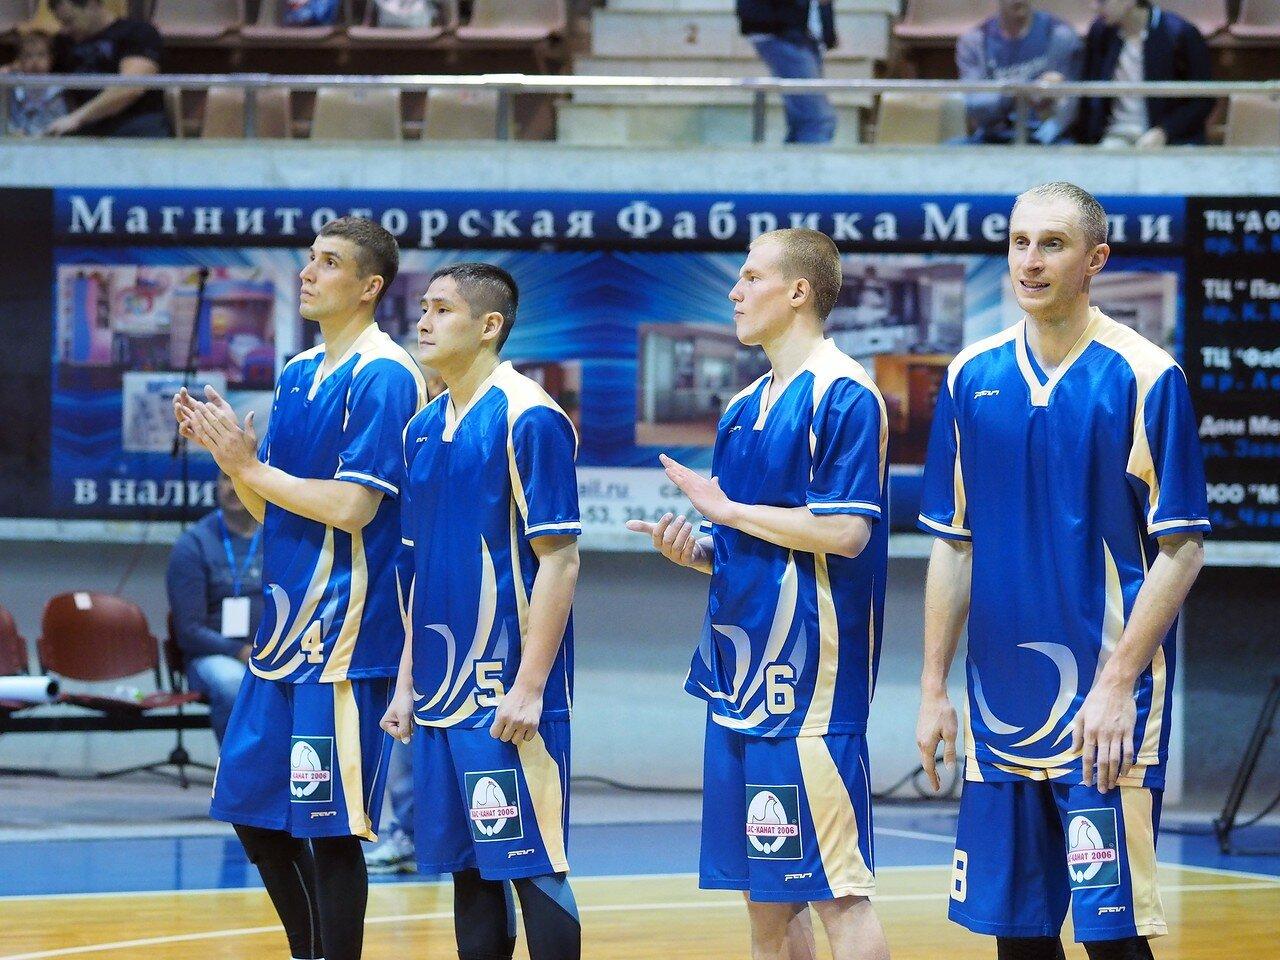 4 Динамо - Тобол 27.05.2017